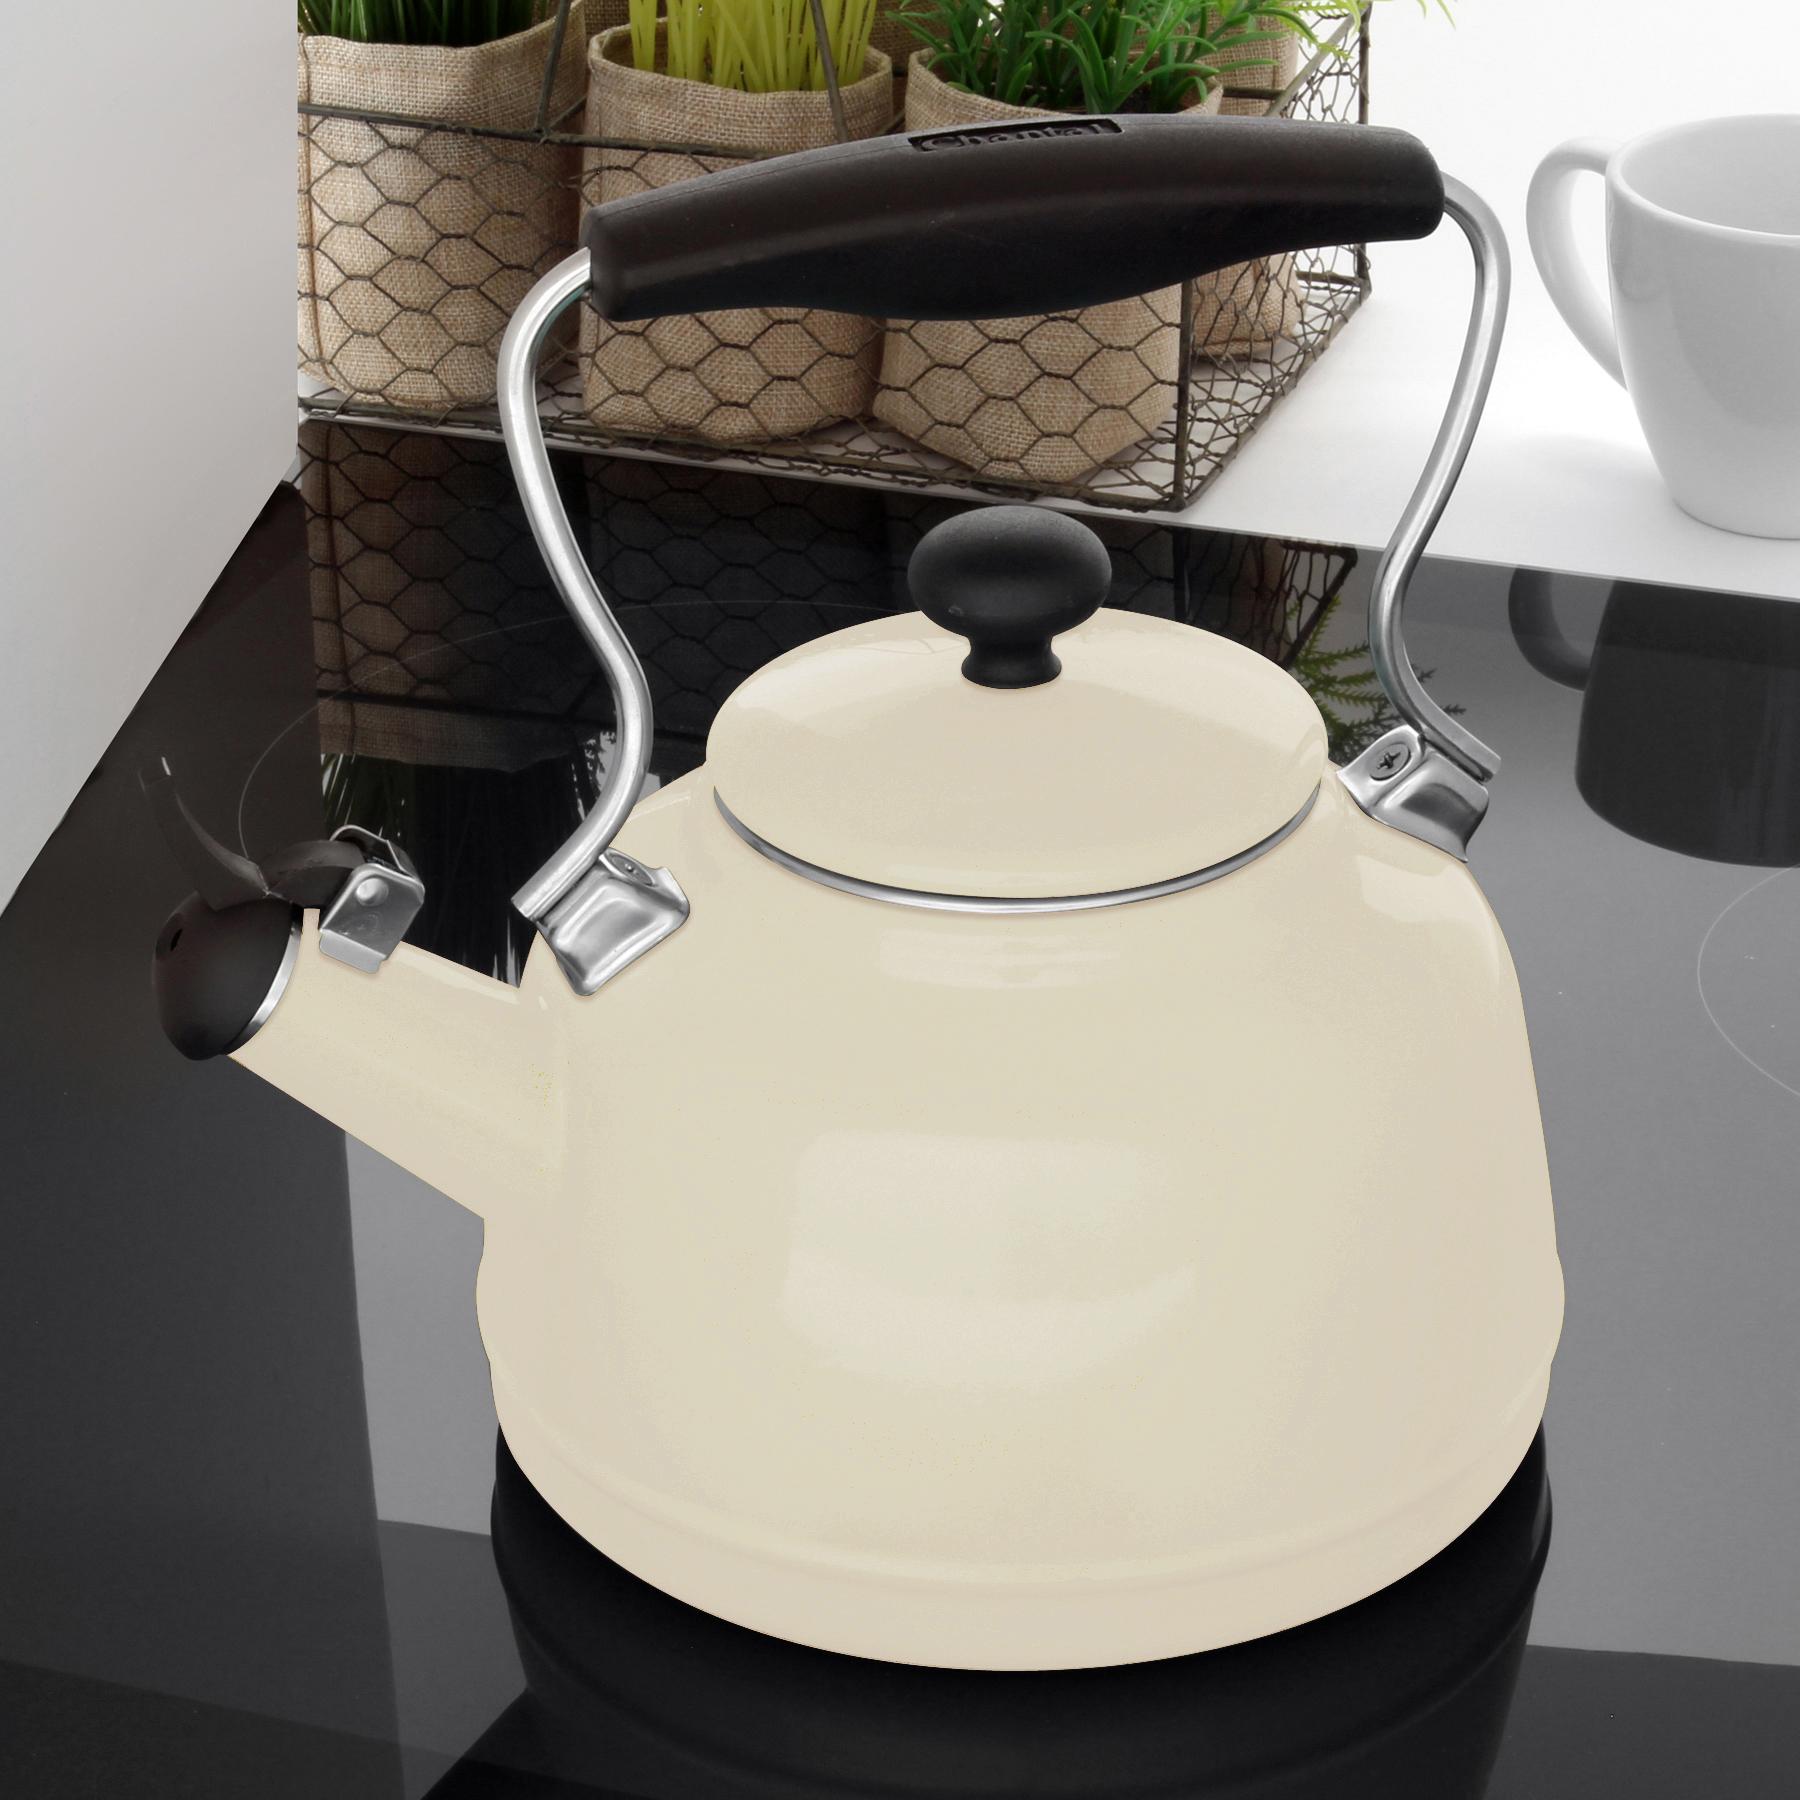 gloss almond tea kettle on stove